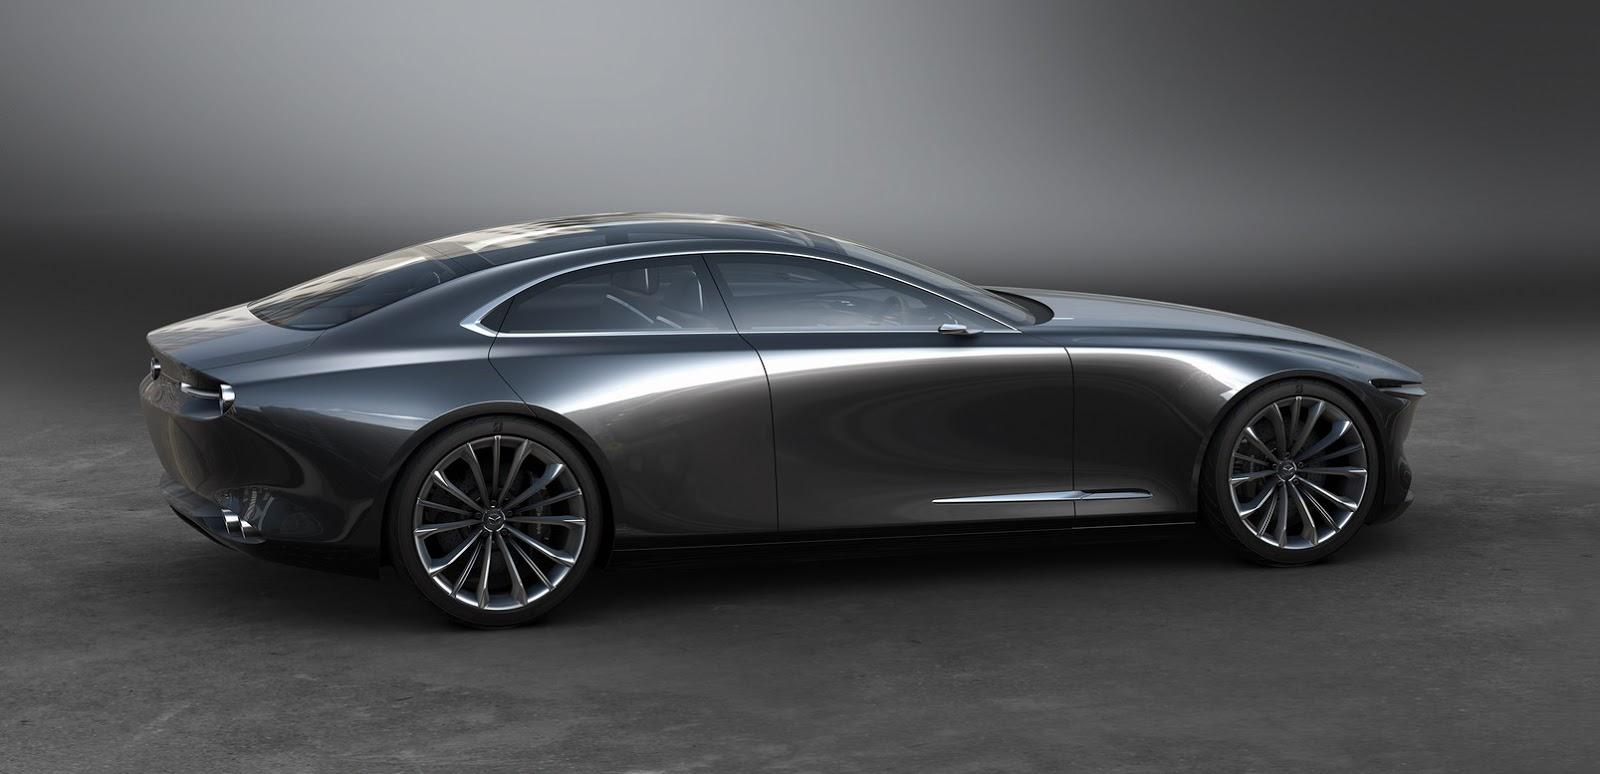 Mazda đang phát triển động cơ xăng và dầu 6 động cơ Skyactiv-X mới - 03